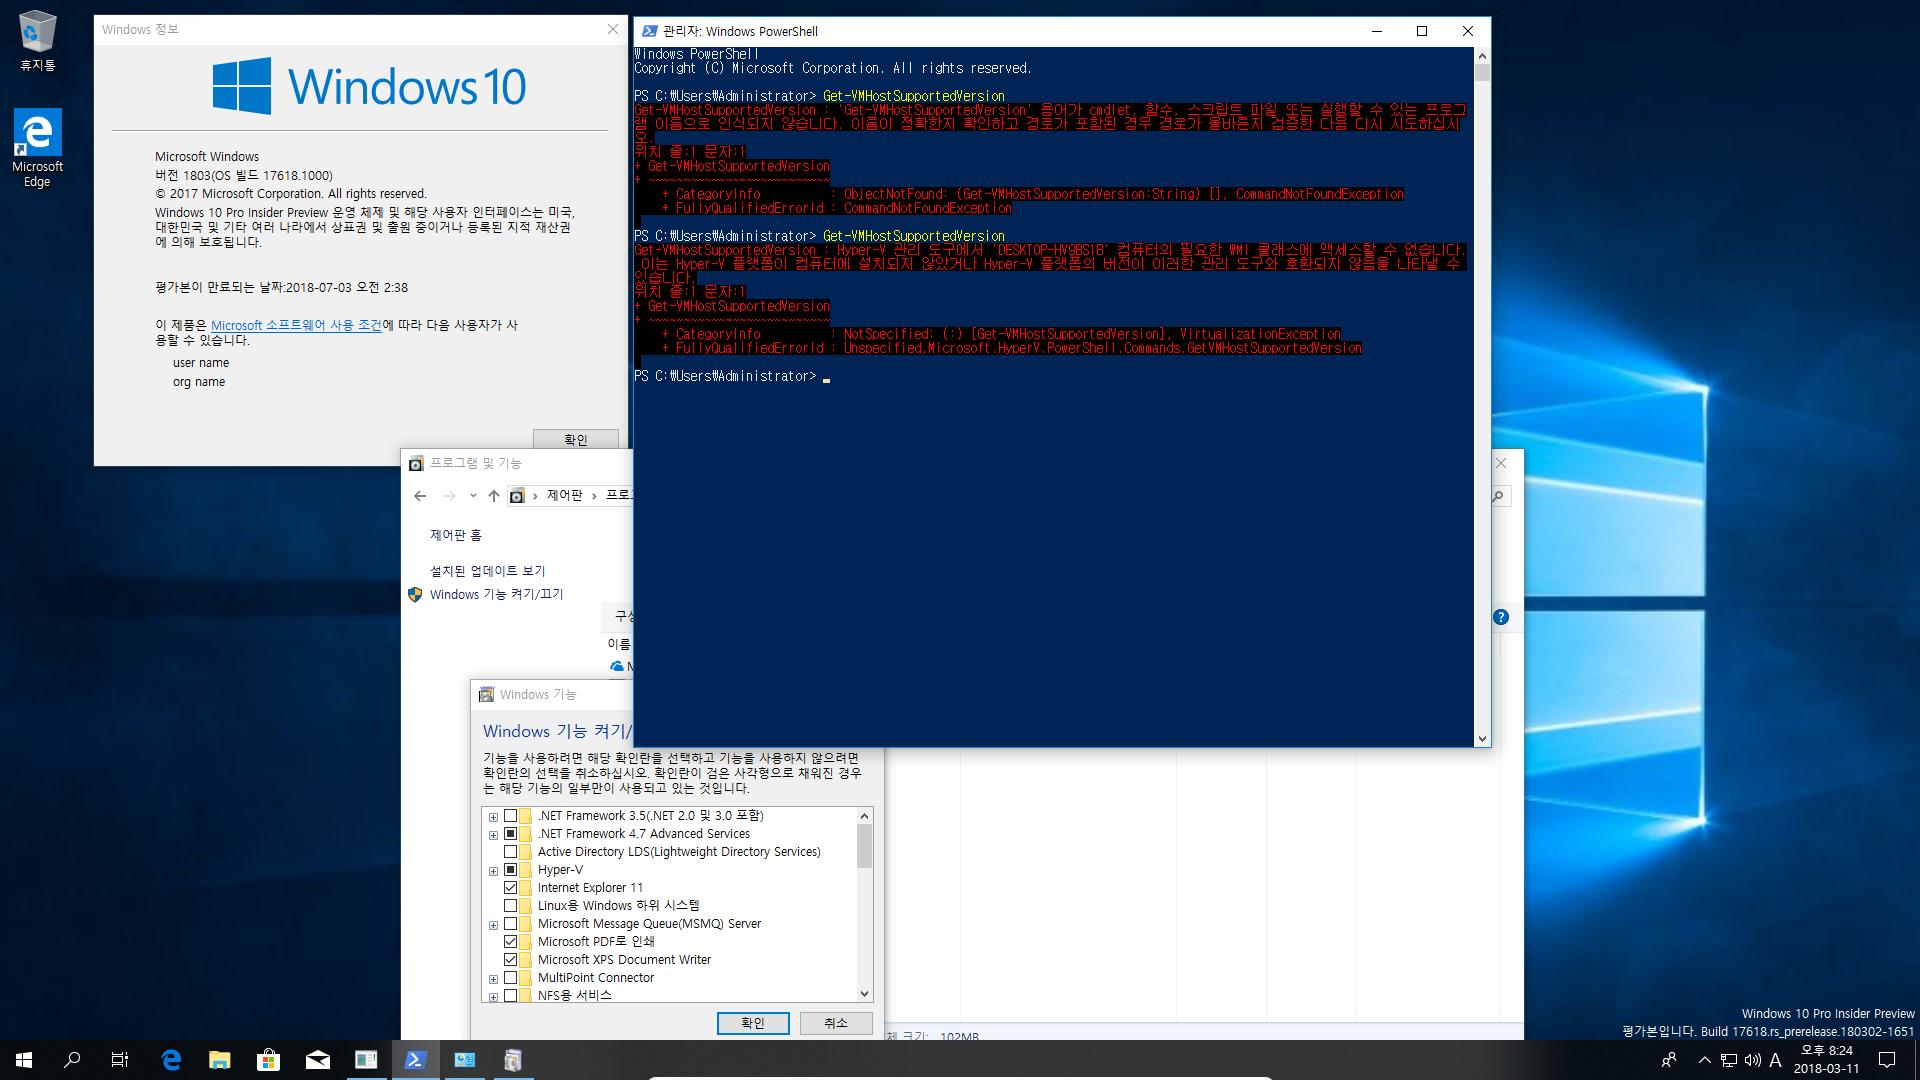 윈도10 버전1803 레드스톤4 명칭이 Windows 10 Spring Creators Update 라는 증거는 레드스톤5 17618 빌드에서 Get-VMHostSupportedVersion 근데 그냥은 에러 뜨네요 Hyper-V 설치해야 - 재부팅해야 2018-03-11_202507.png